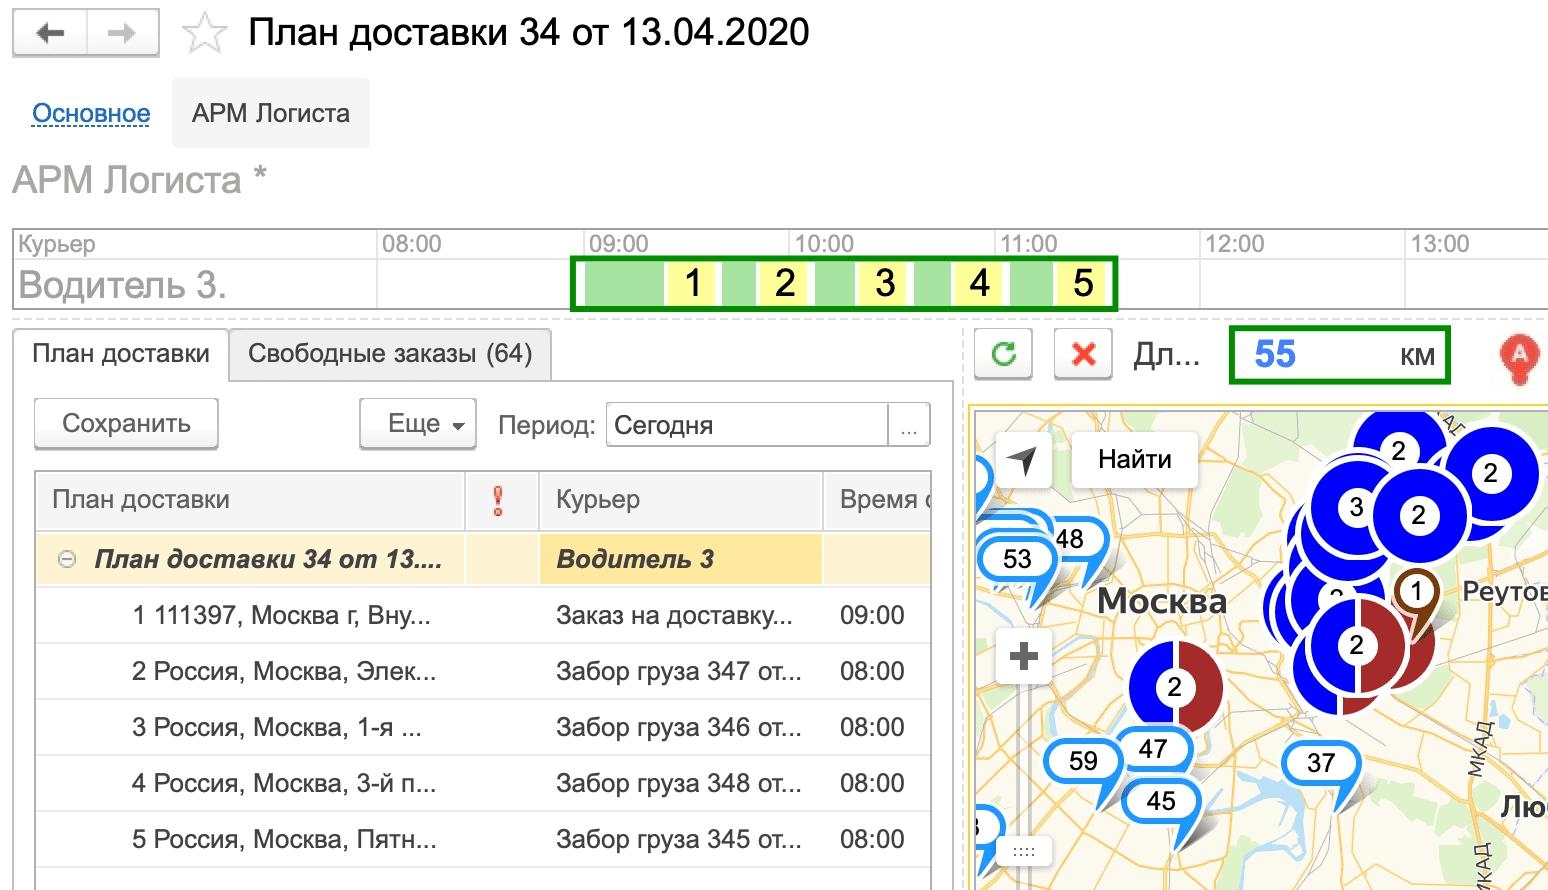 Визуализация заказов и маршрутов на карте